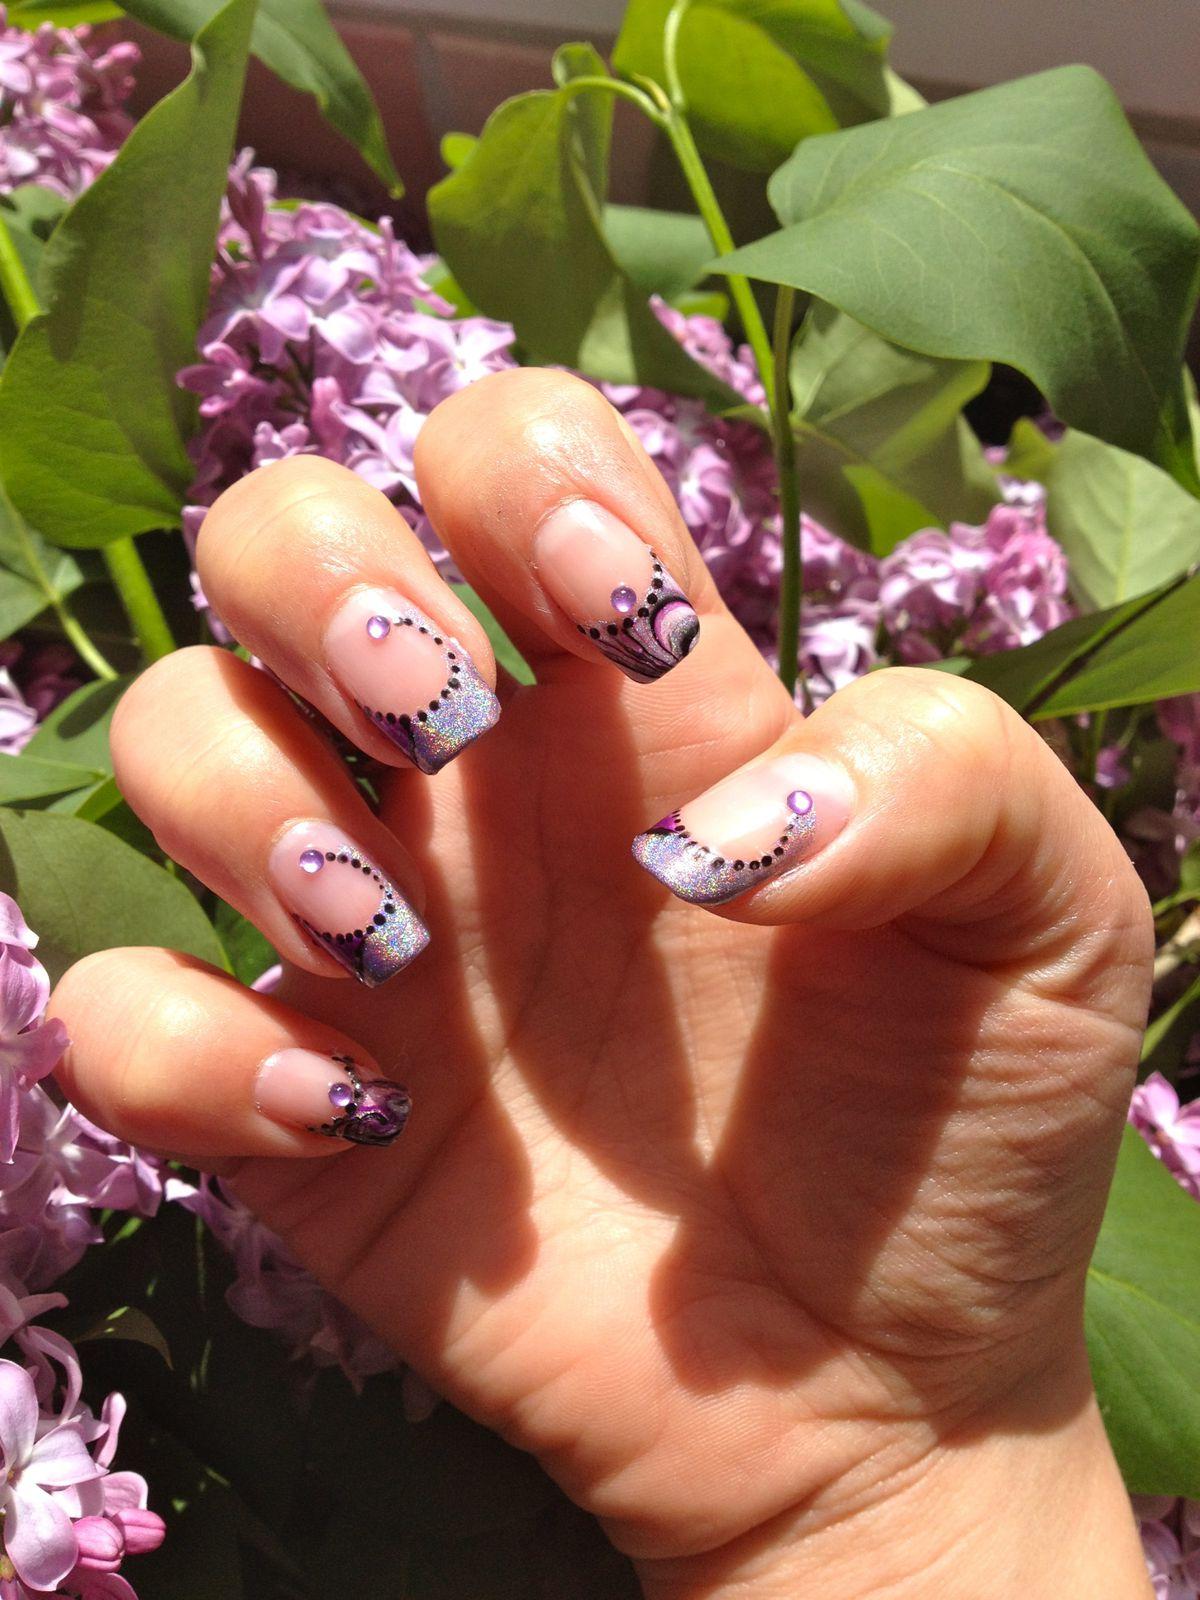 Violet et holographique LM cosmétic!!!